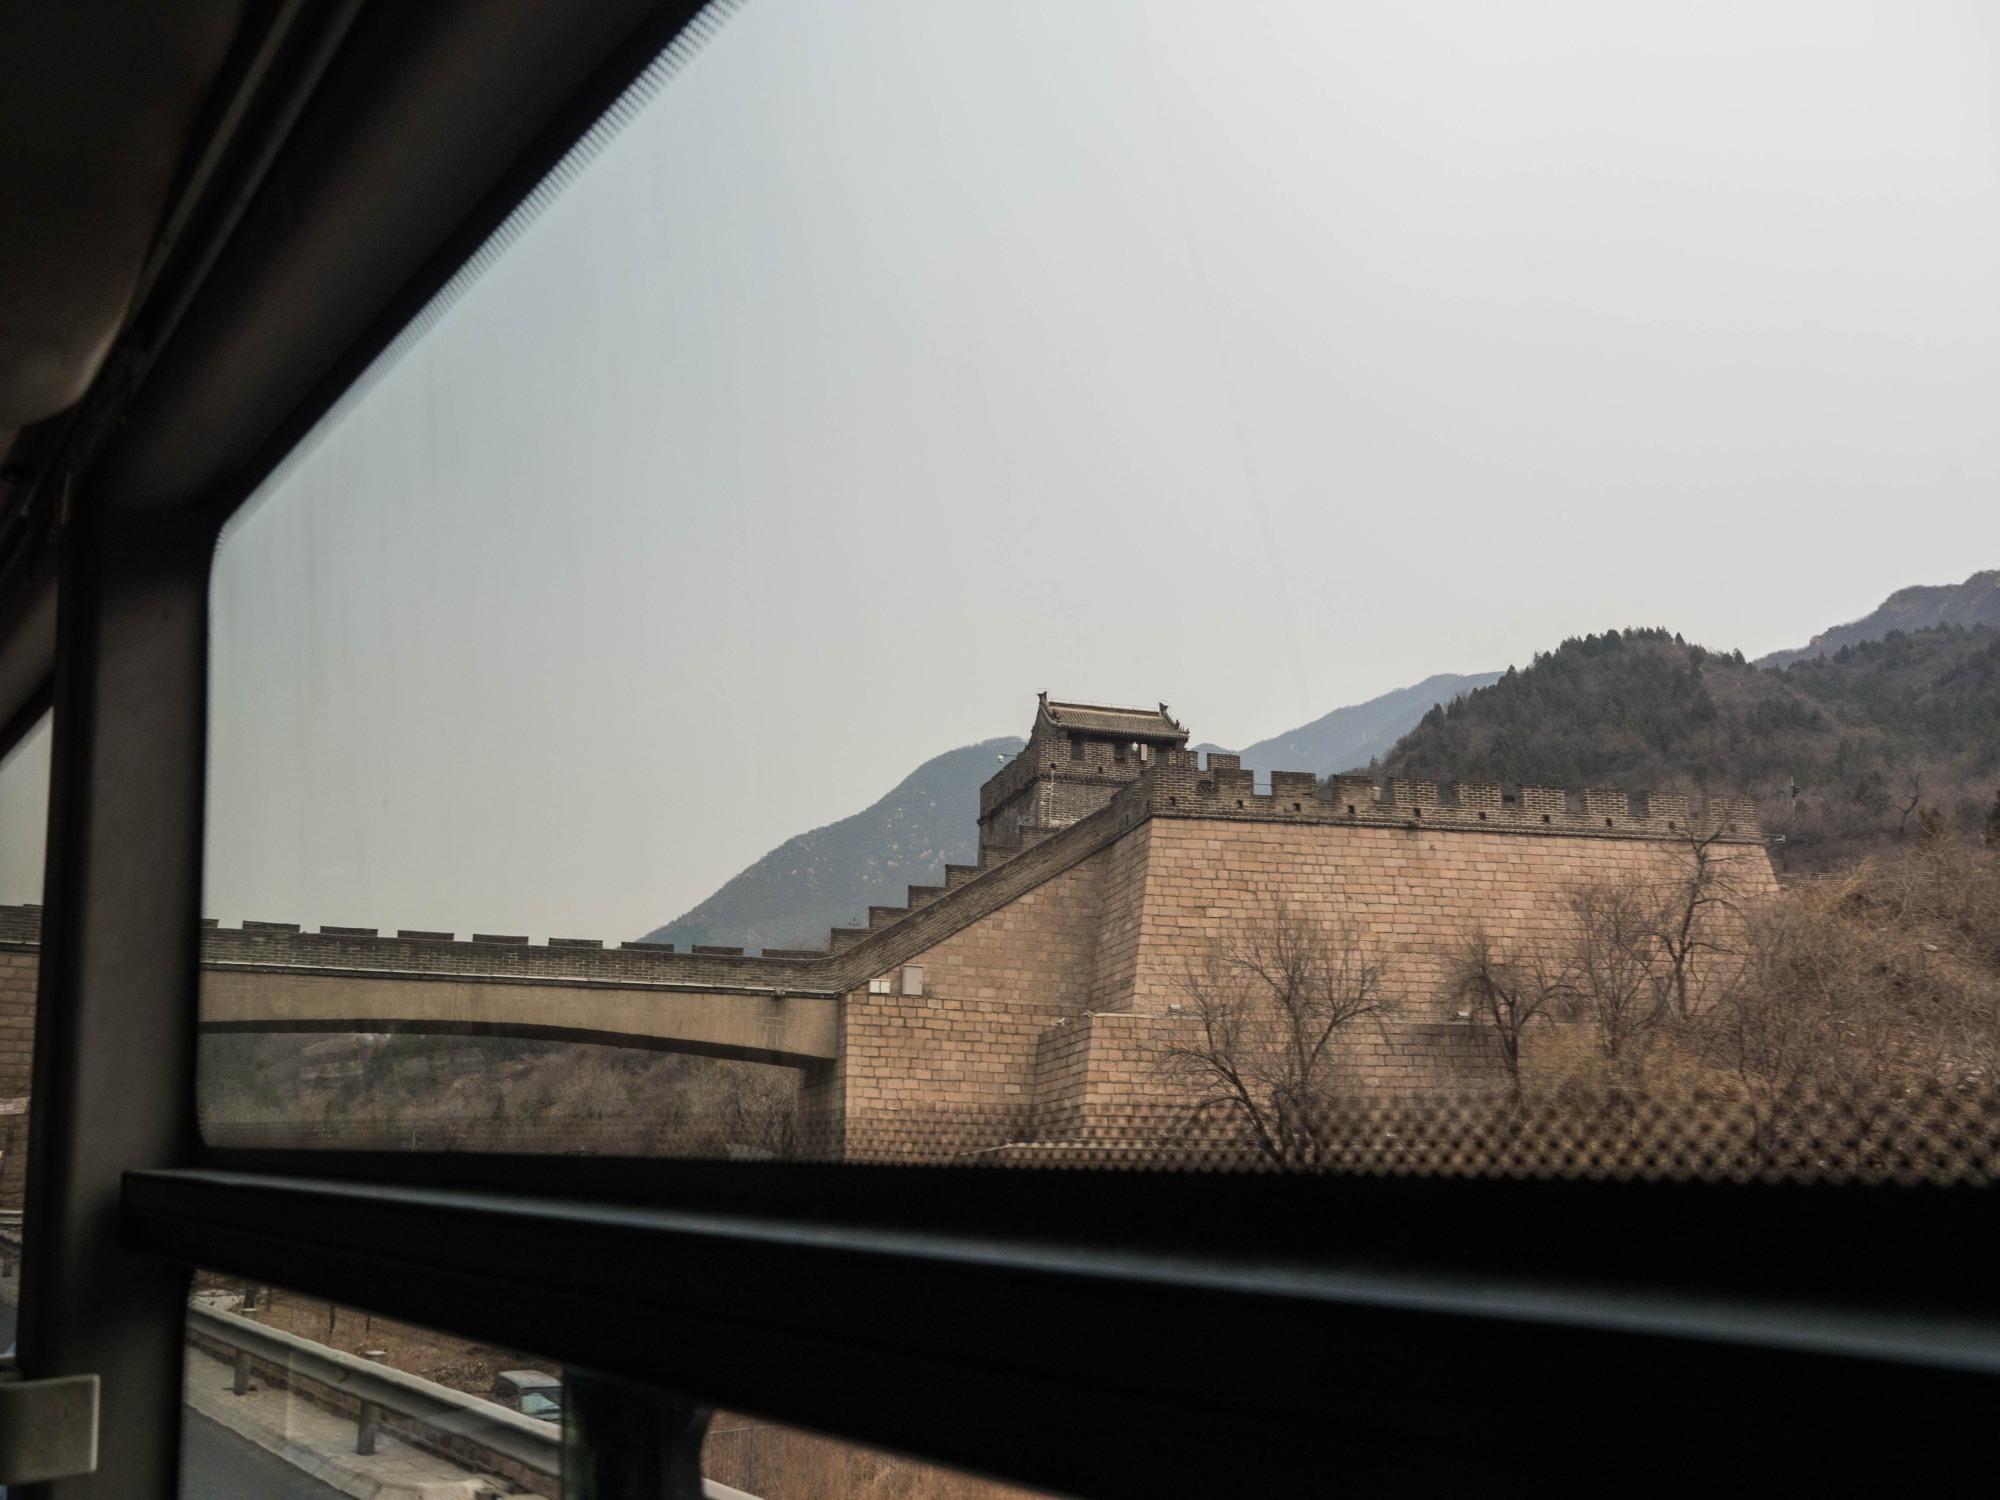 2019北京・万里の長城vol.4~超有名観光地・万里の長城へ行く~_f0276498_17041673.jpg